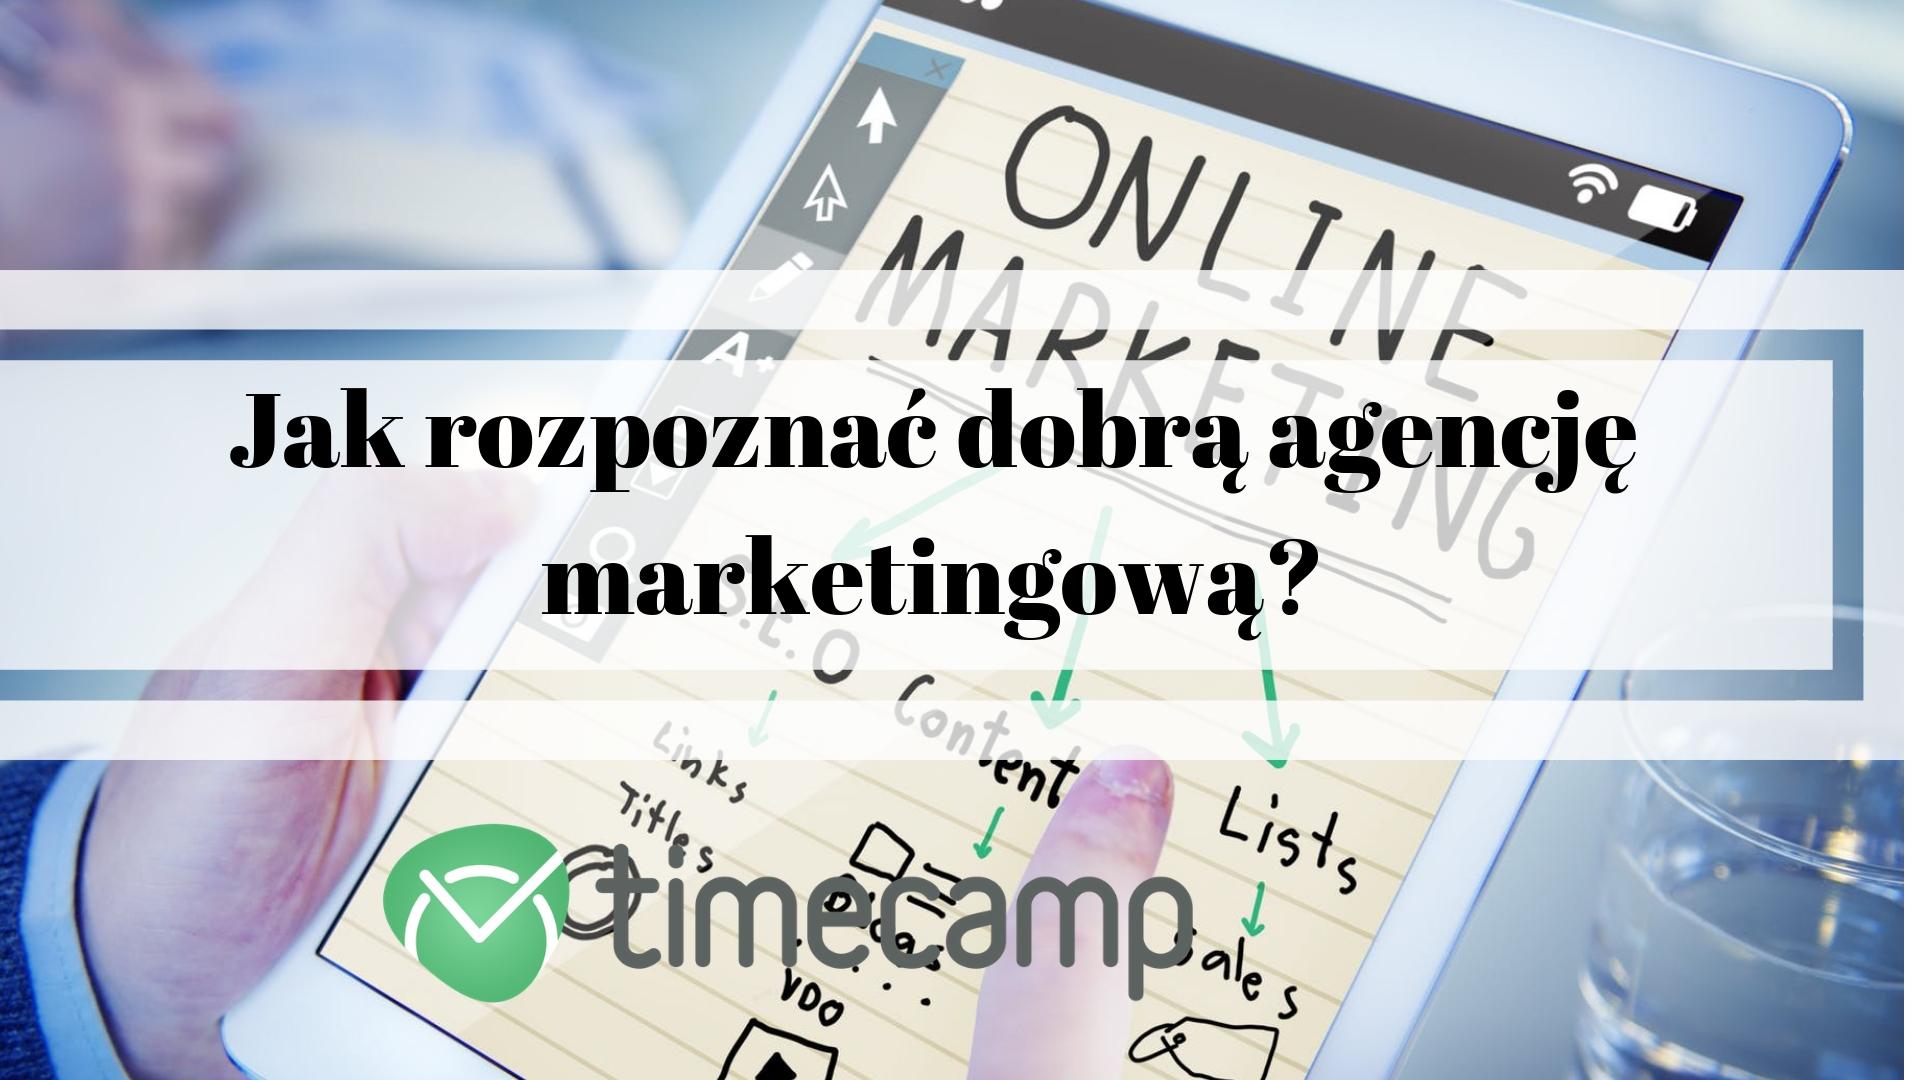 Jak rozpoznać dobrą agencję marketingową?